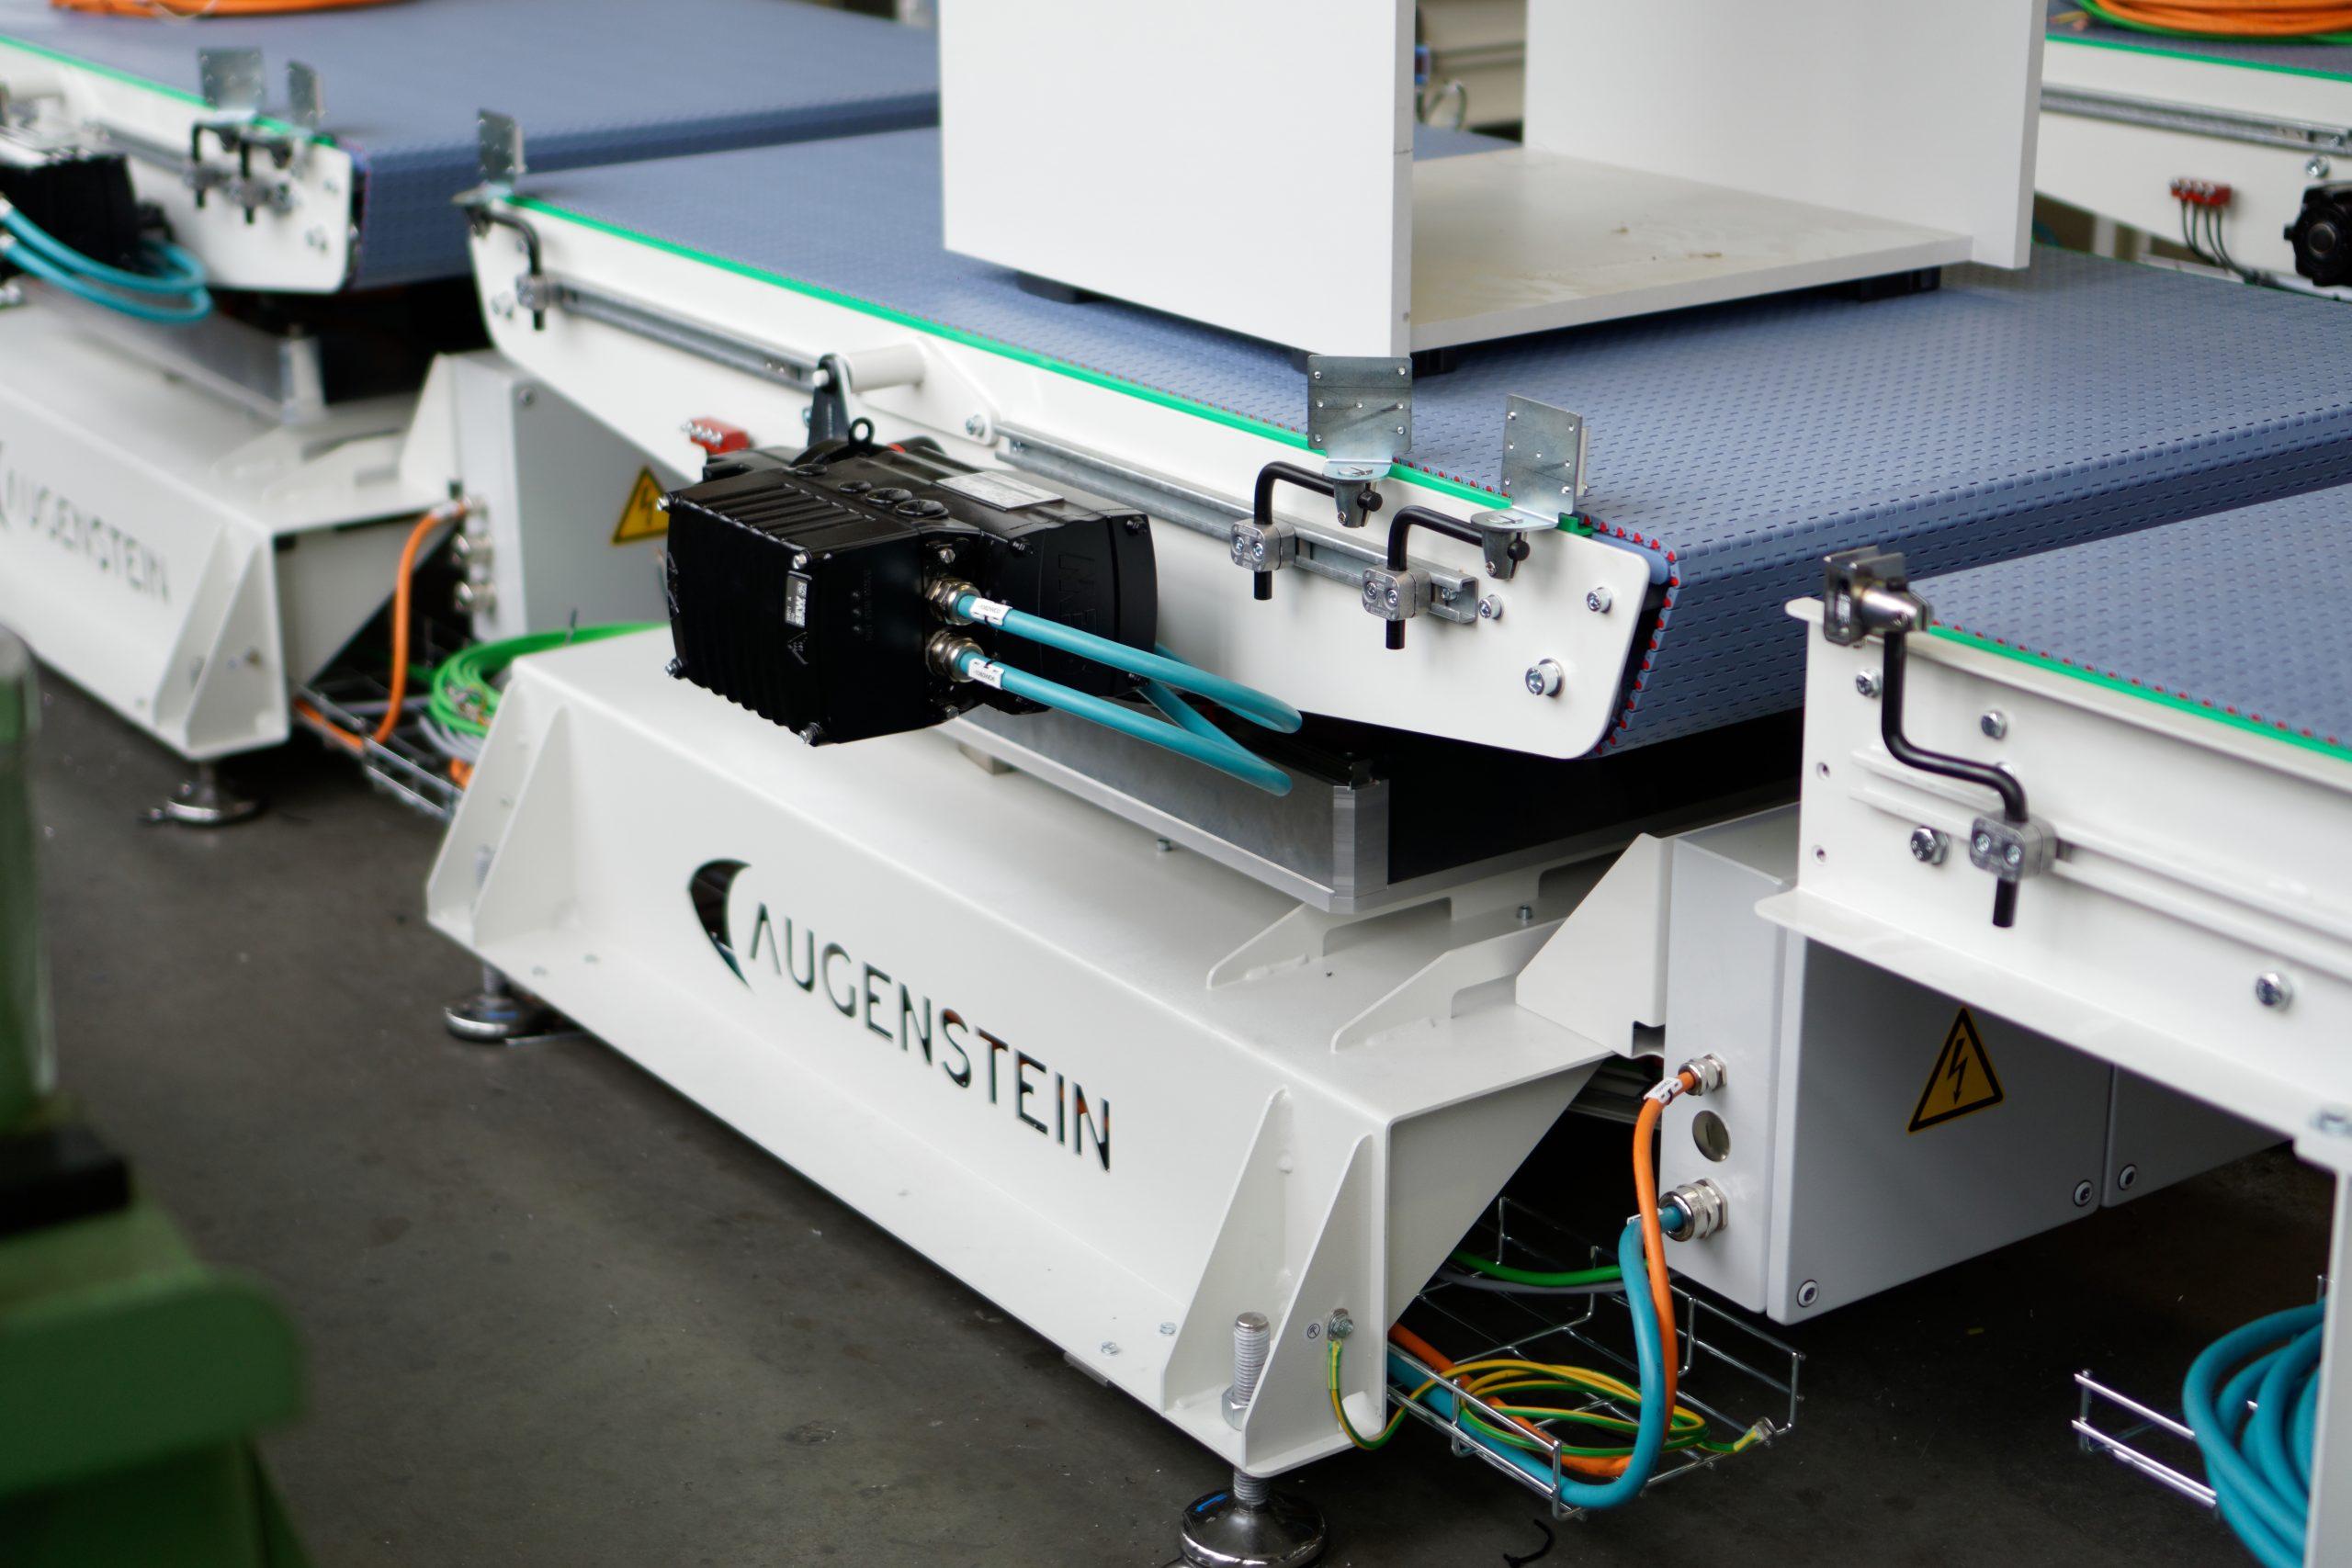 Kundenspezifische Fördertechnik entsteht bei Augenstein in eigener Konstruktion, Fertigung und Montage (Bild: Augenstein Maschinenbau GmbH)